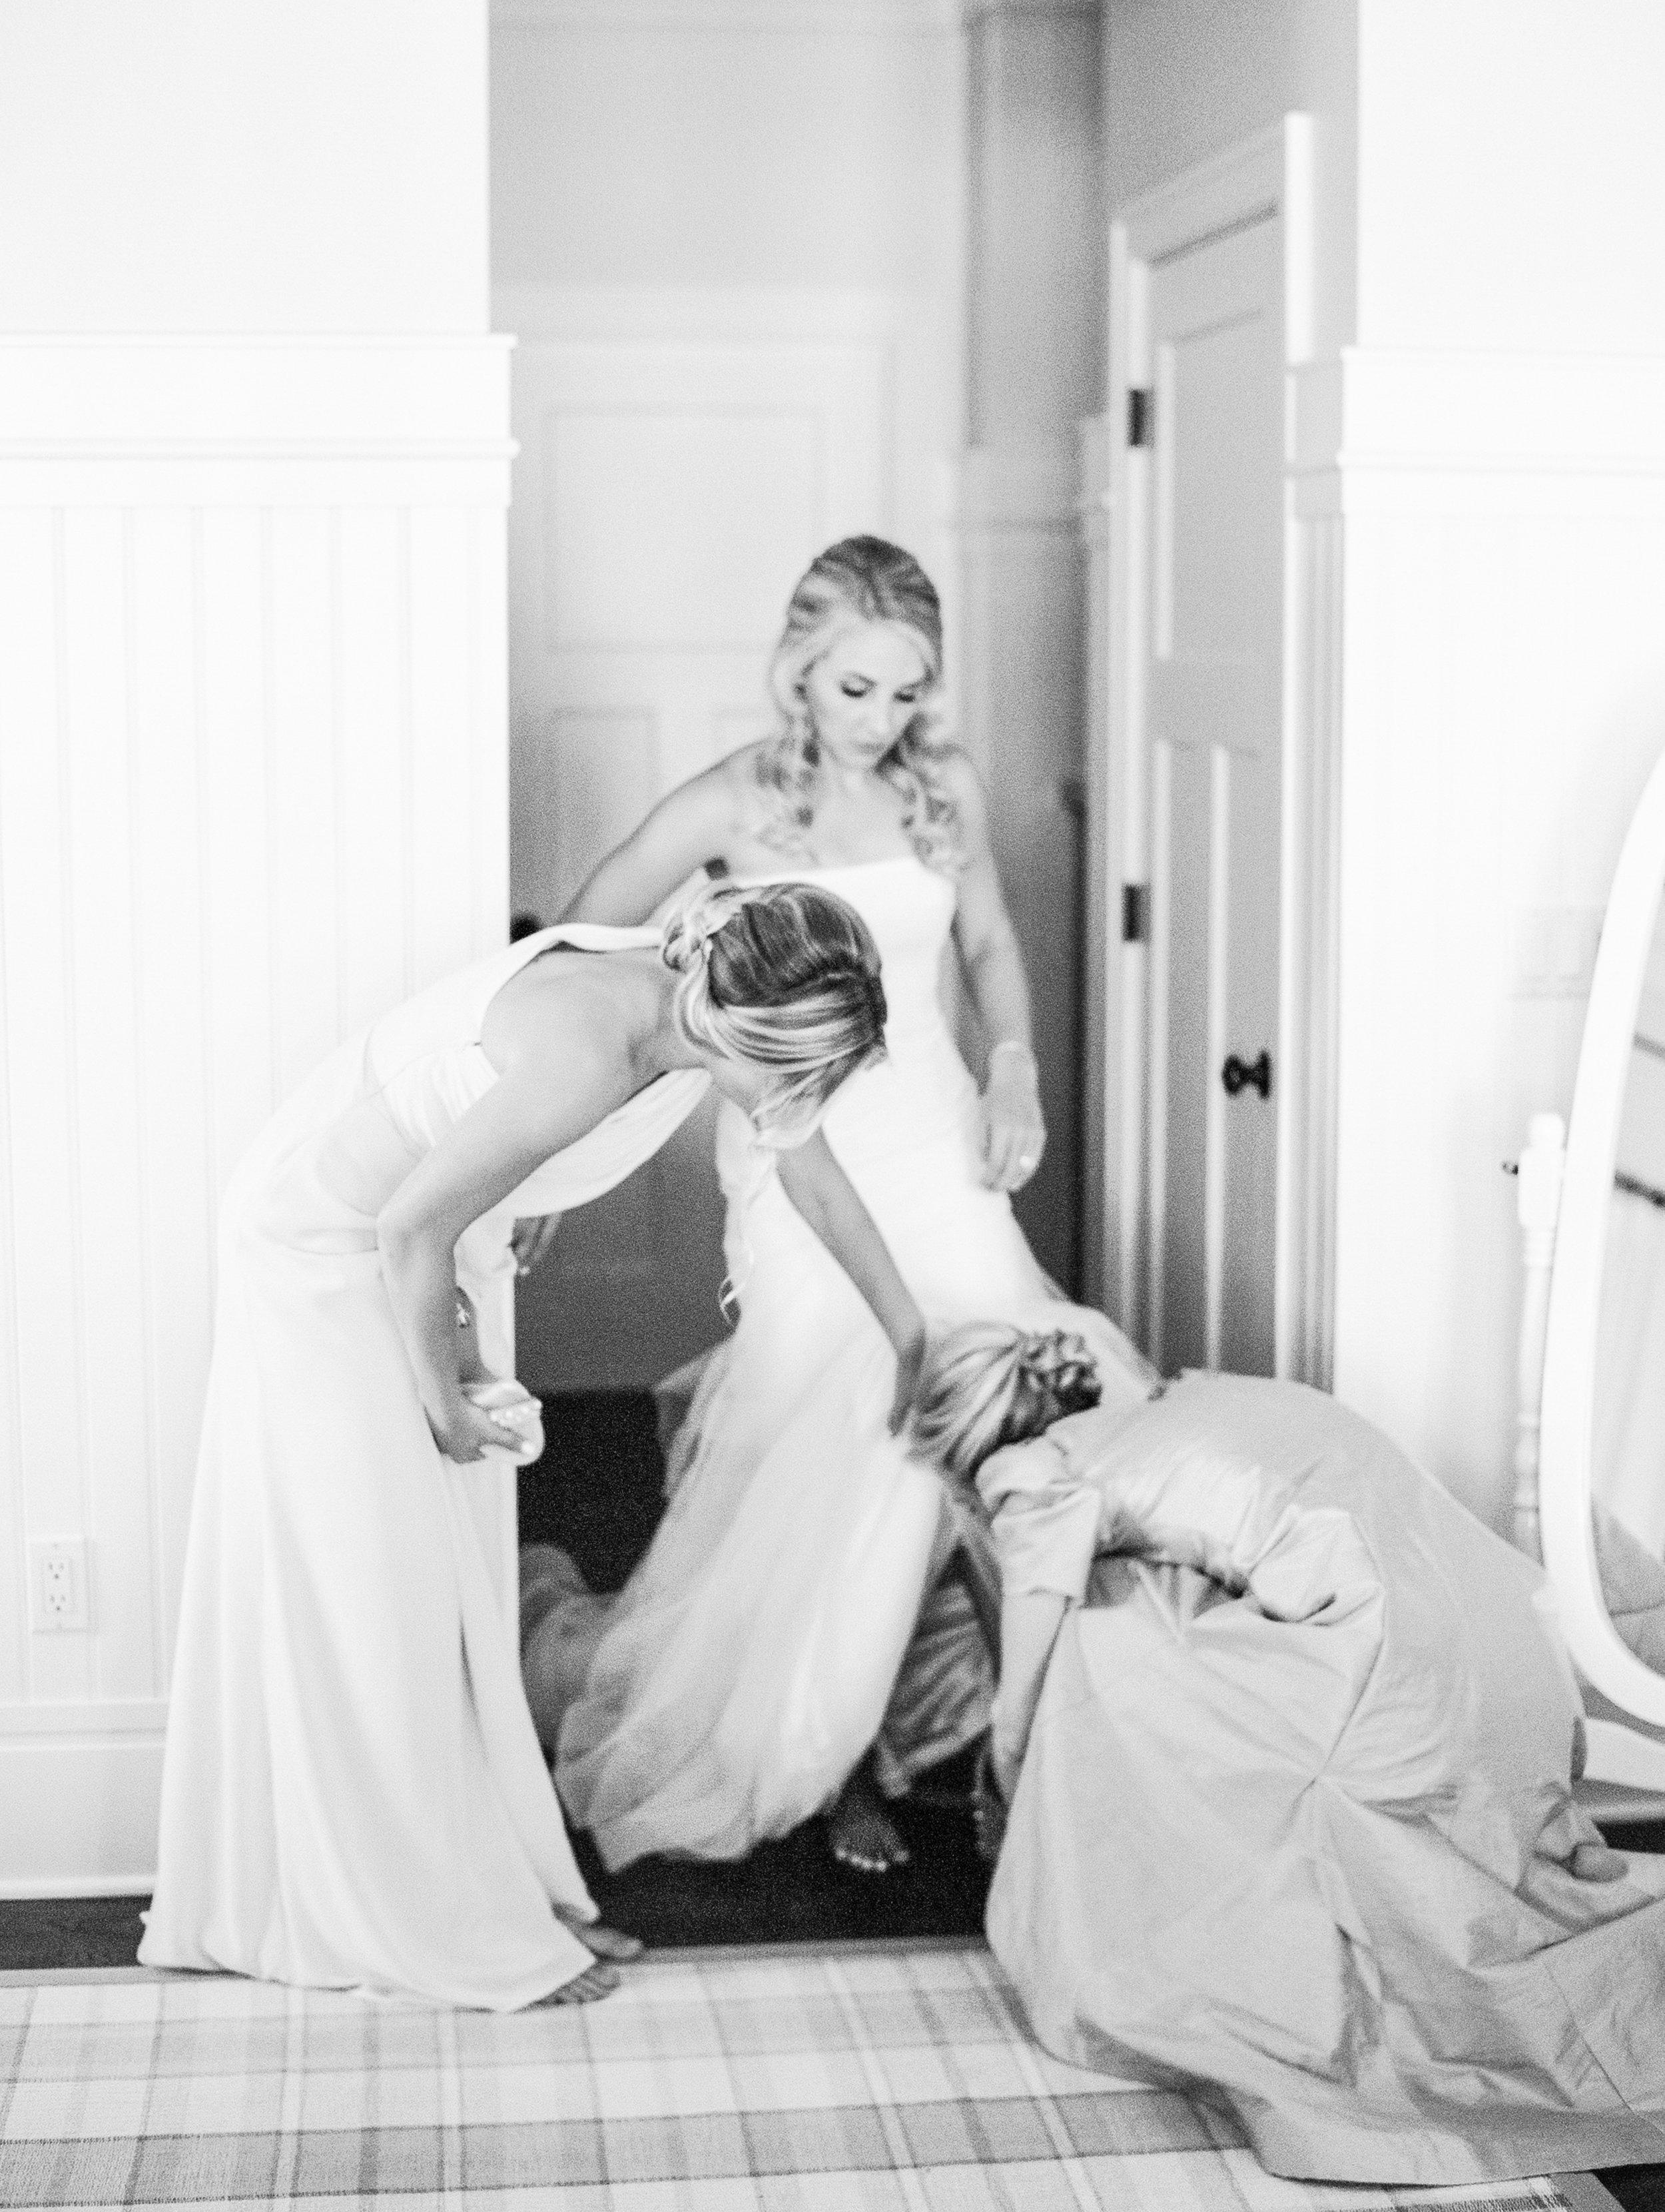 Coffman+Wedding+Getting+Ready+Girls-158.jpg